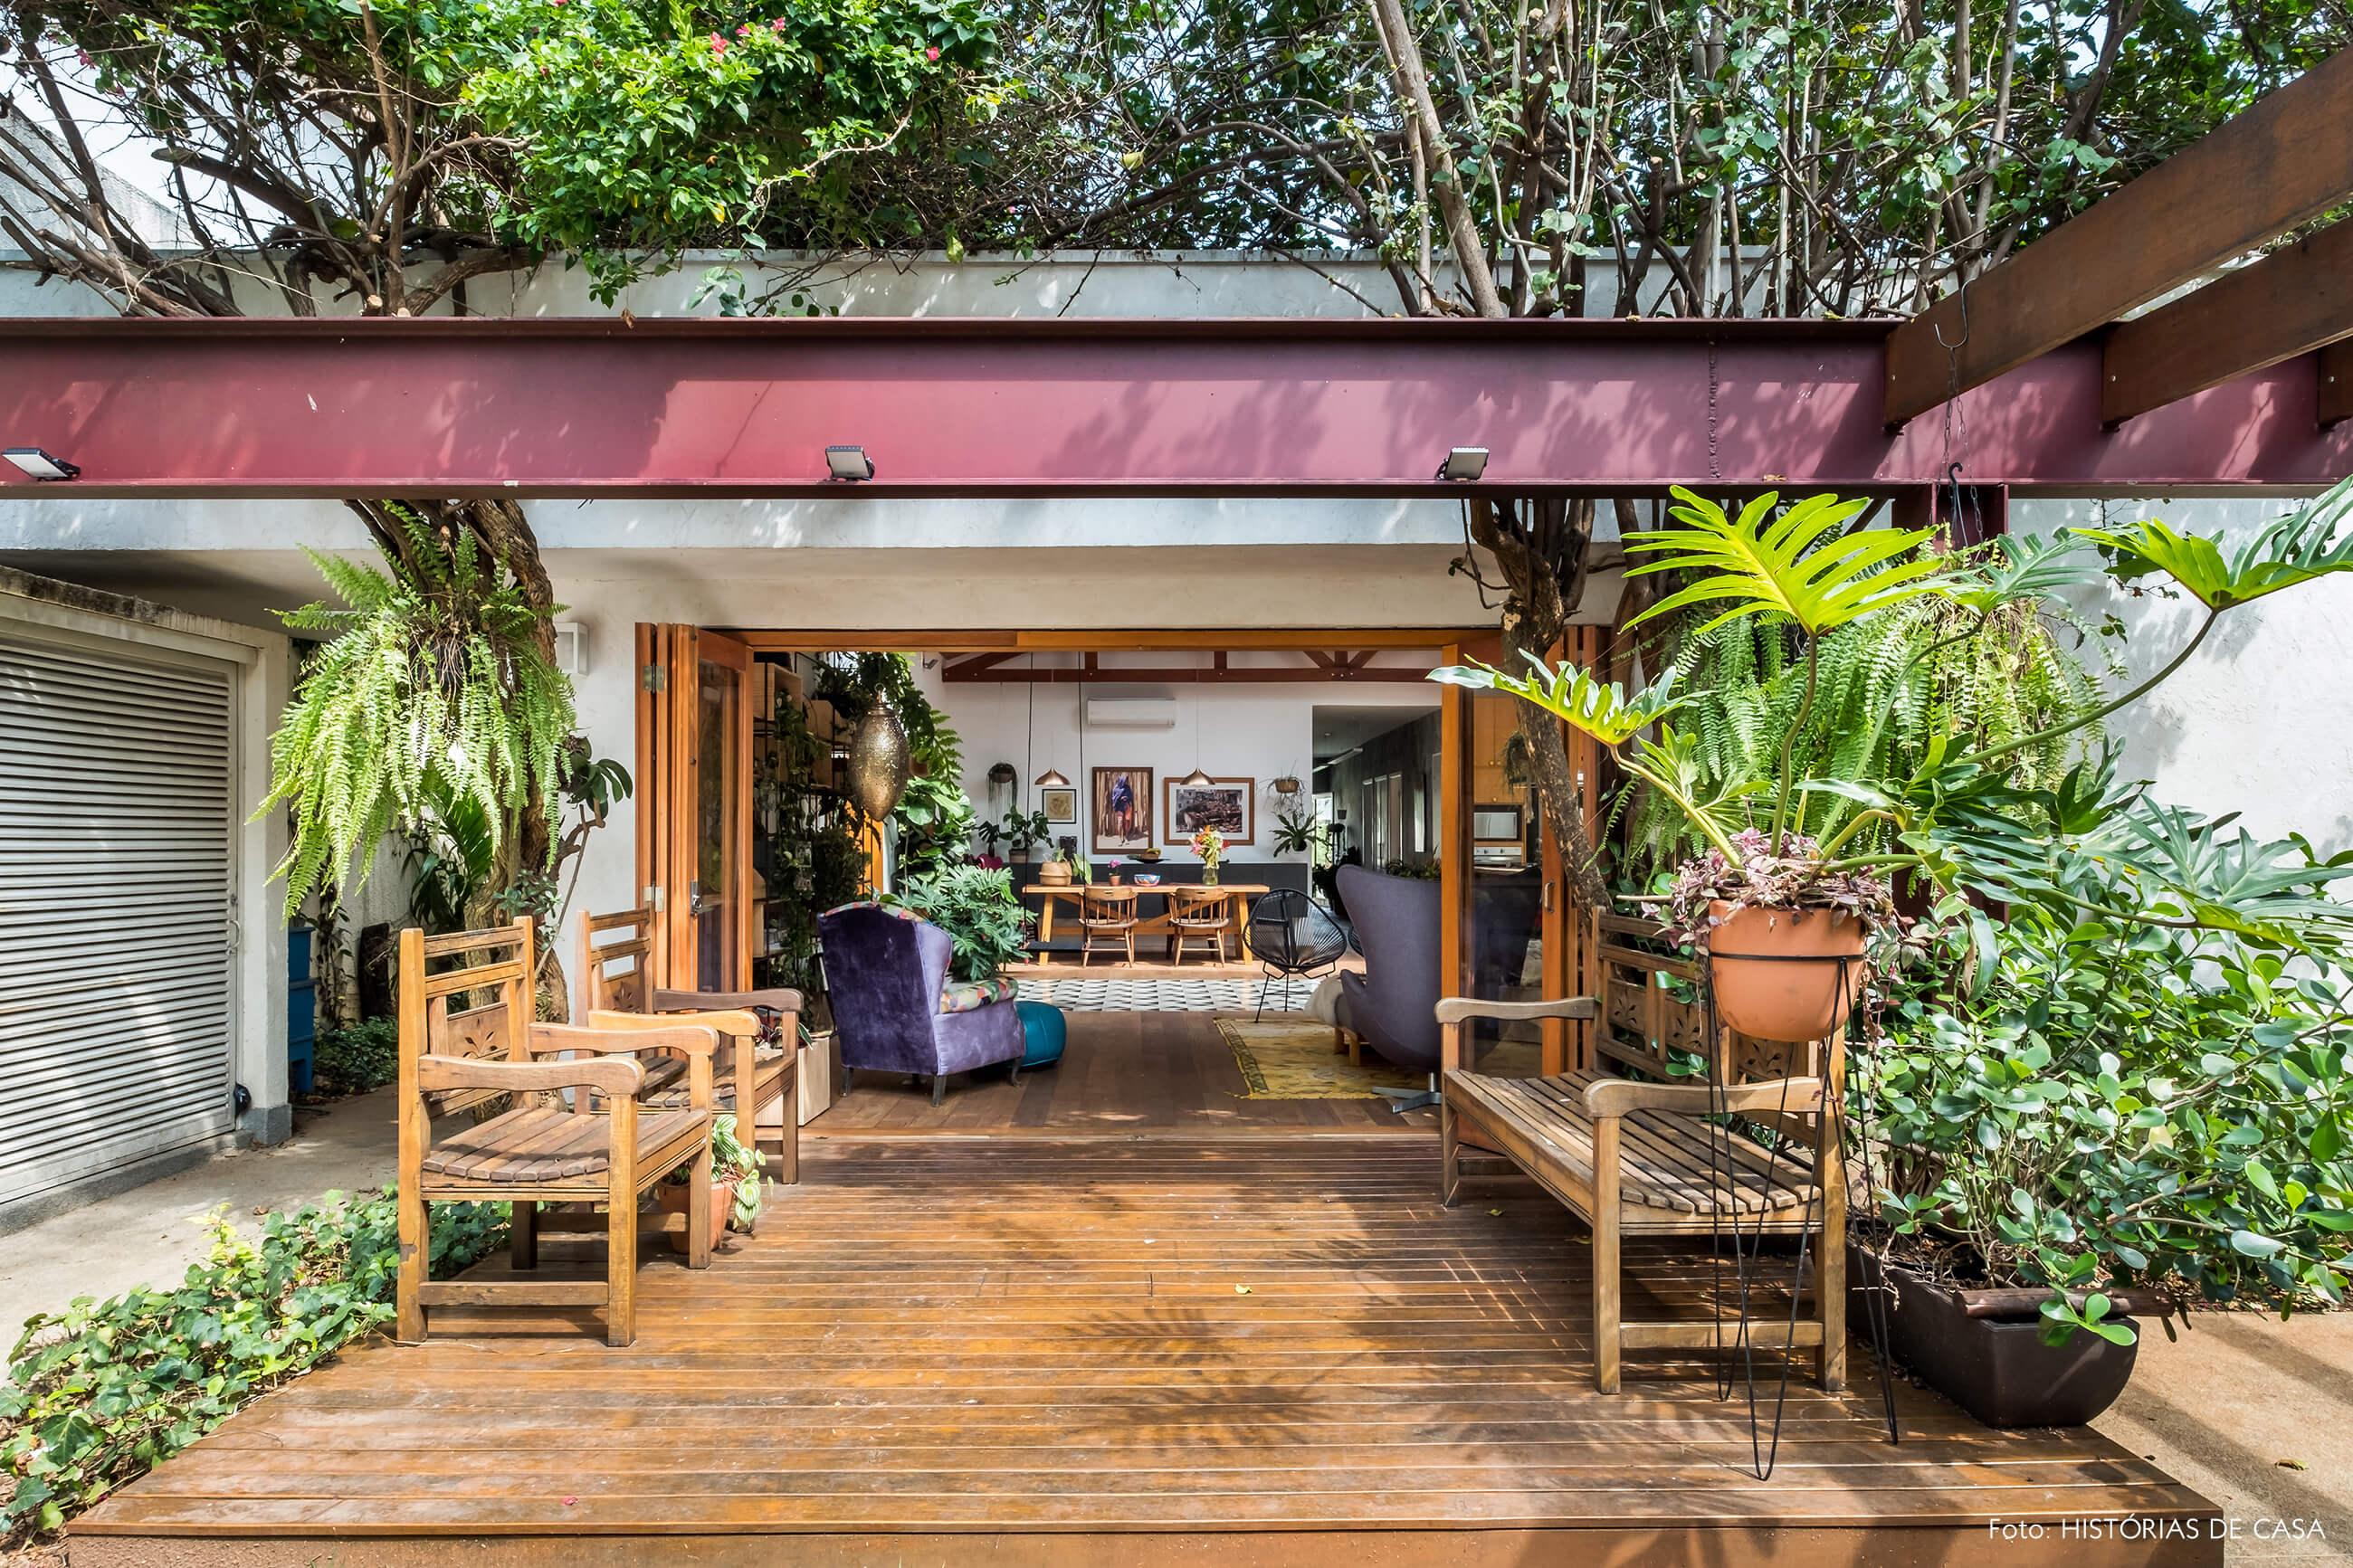 Casa com jardim. Deck de madeira na entrada e sala integrada.